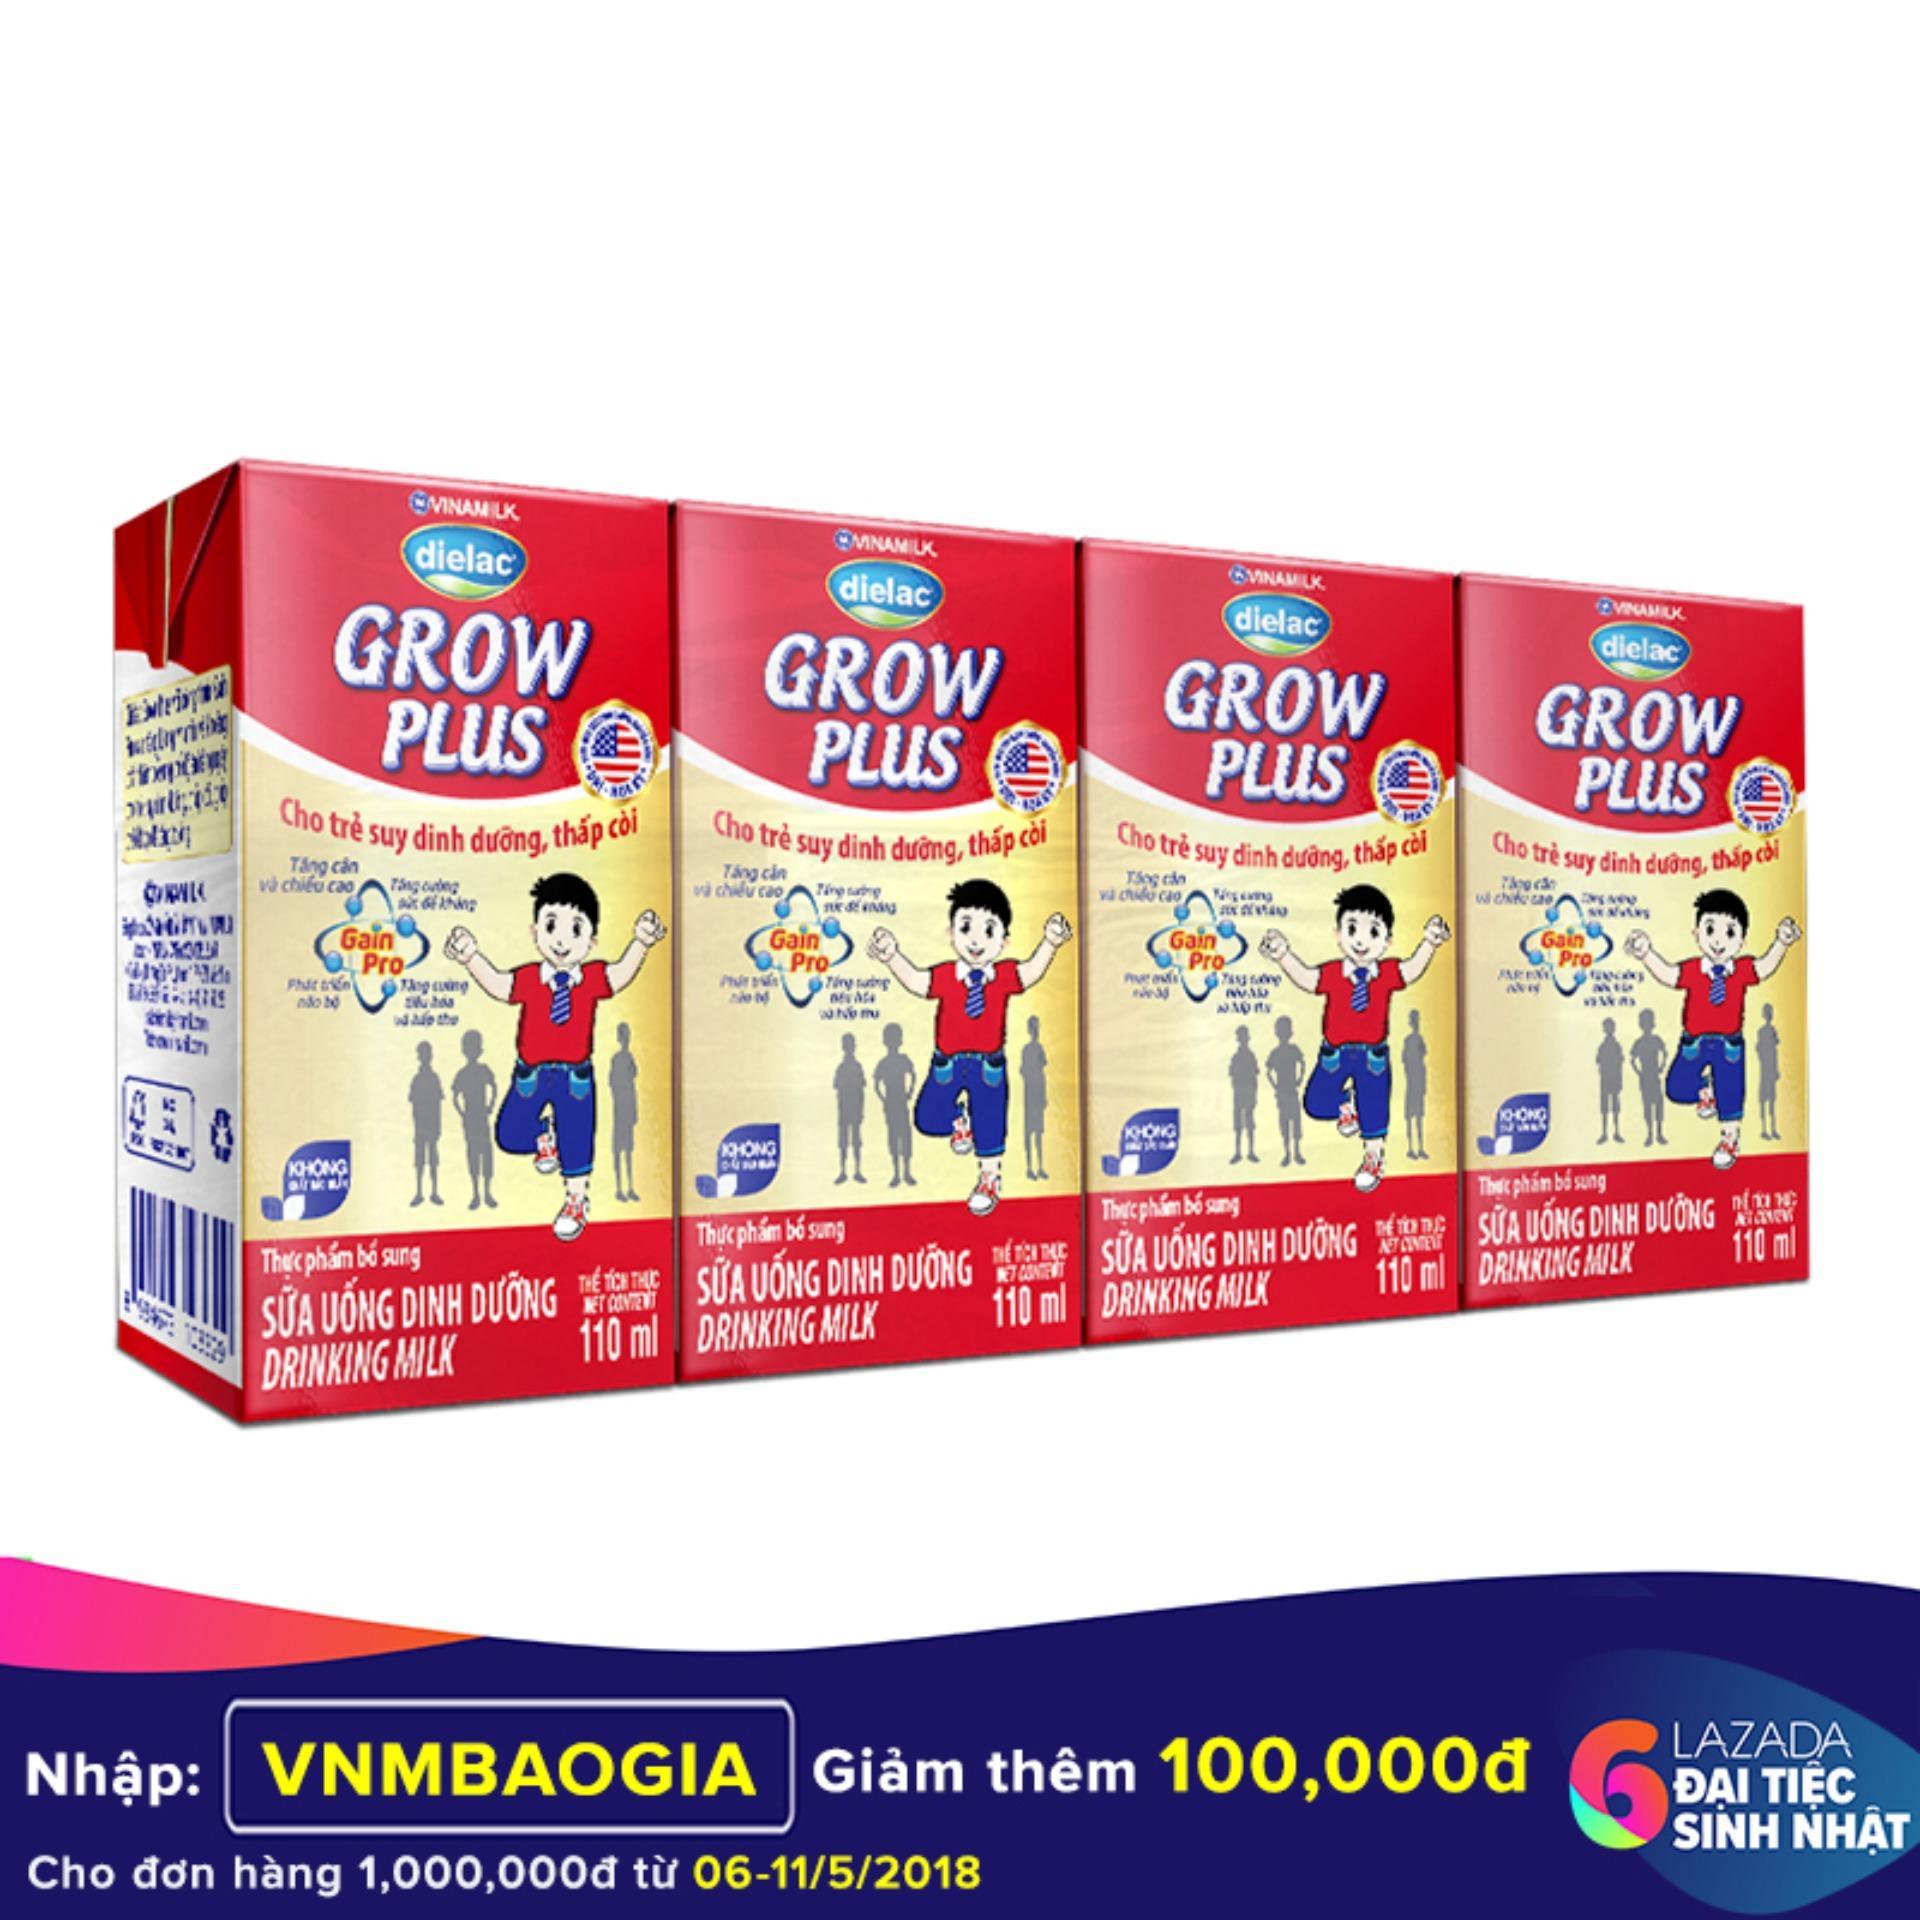 Chiết Khấu Thung 48 Hộp Sữa Bột Pha Sẵn Vinamilk Dielac Grow Plus 110Ml Hồ Chí Minh